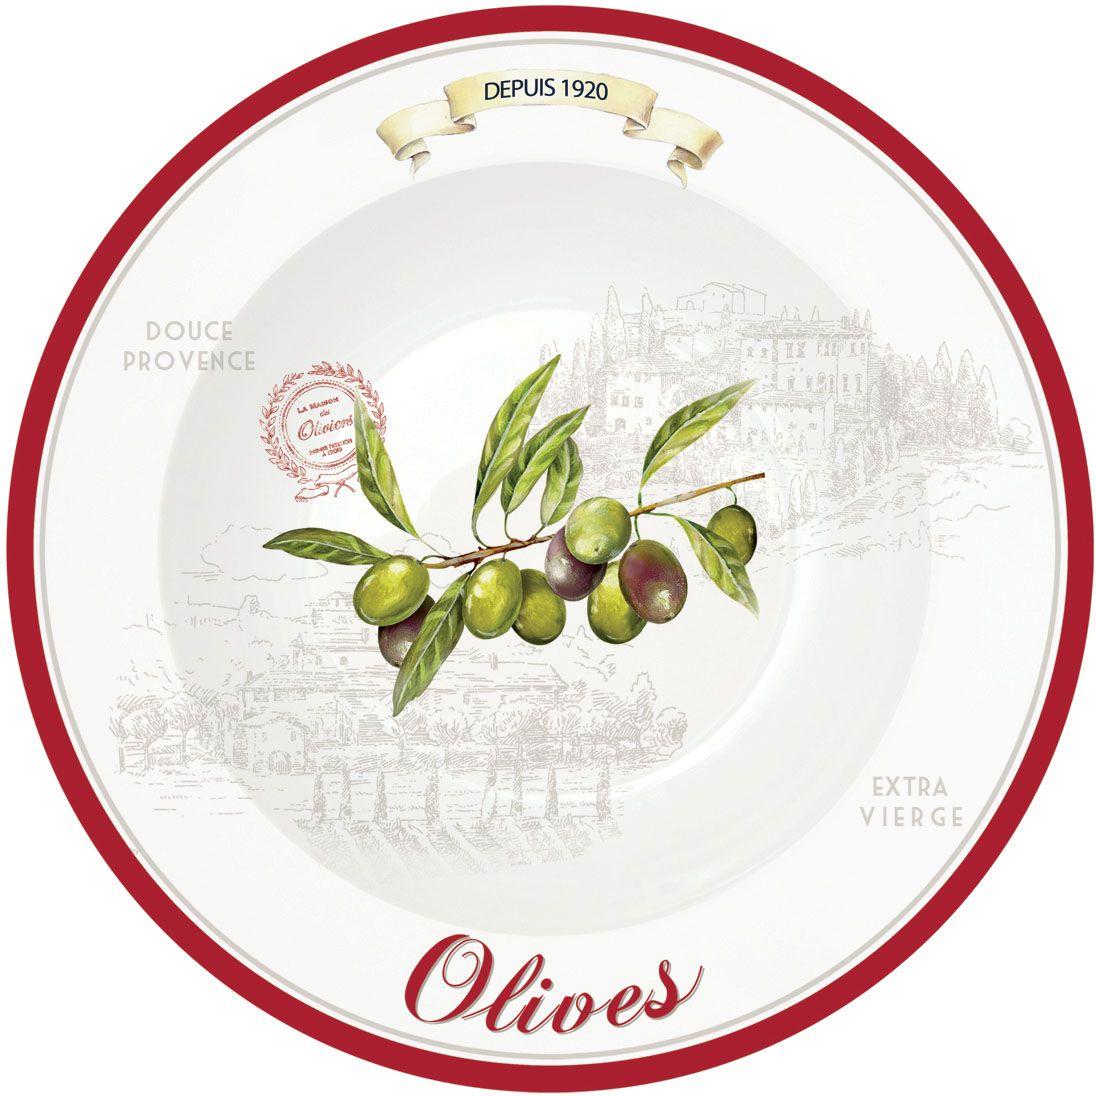 Набор тарелок Nuova R2S Оливки, для пасты, 4 шт., диаметр: 22 см819OLIVНабор тарелок для пасты 4 шт Оливки D22см украсит как празднечный, так и повседневный стол. Прекрасное дополнение к блюду. Товар изготовлен из высококачественного материала.